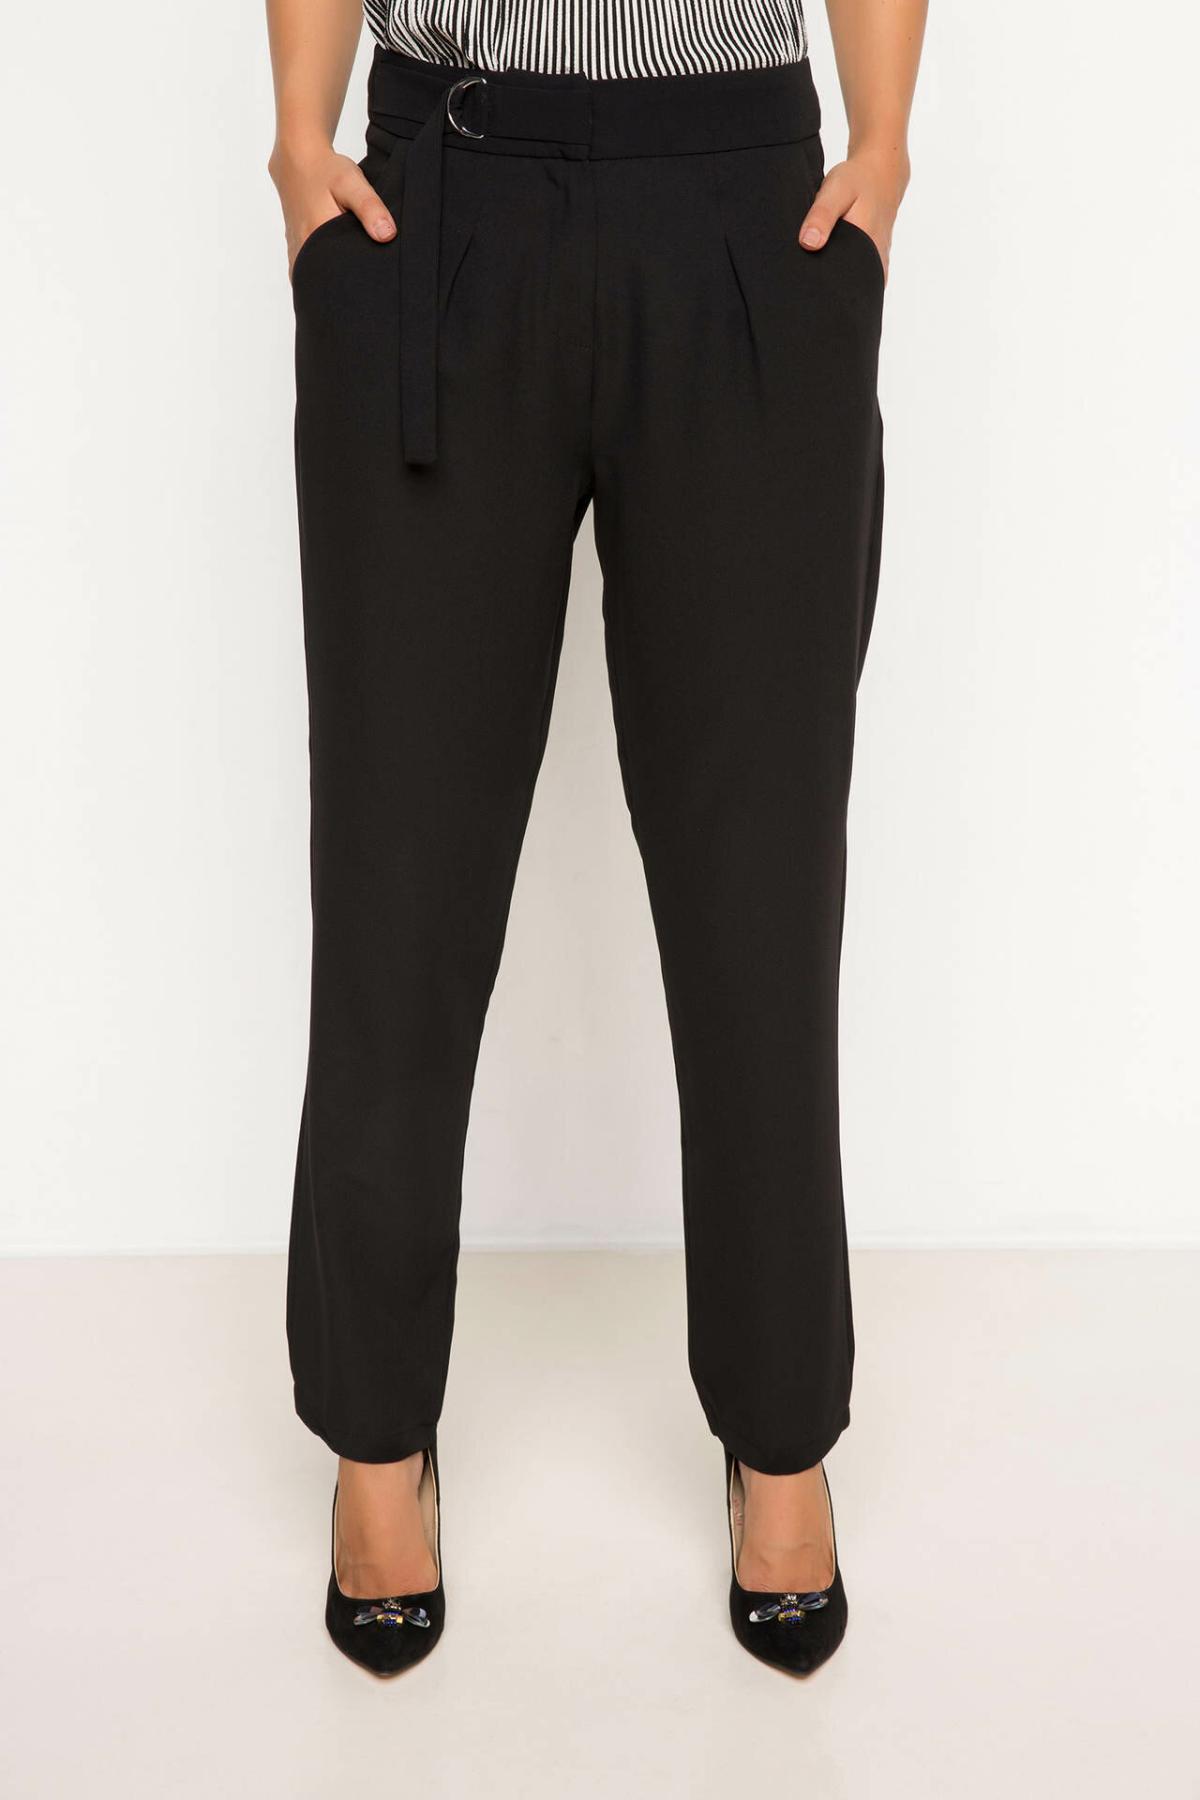 DeFacto Office Ladies Suit Pants Female Formal Belts Straight Trousers Women's Fashion Simple Pants Black - H7904AZ18SP